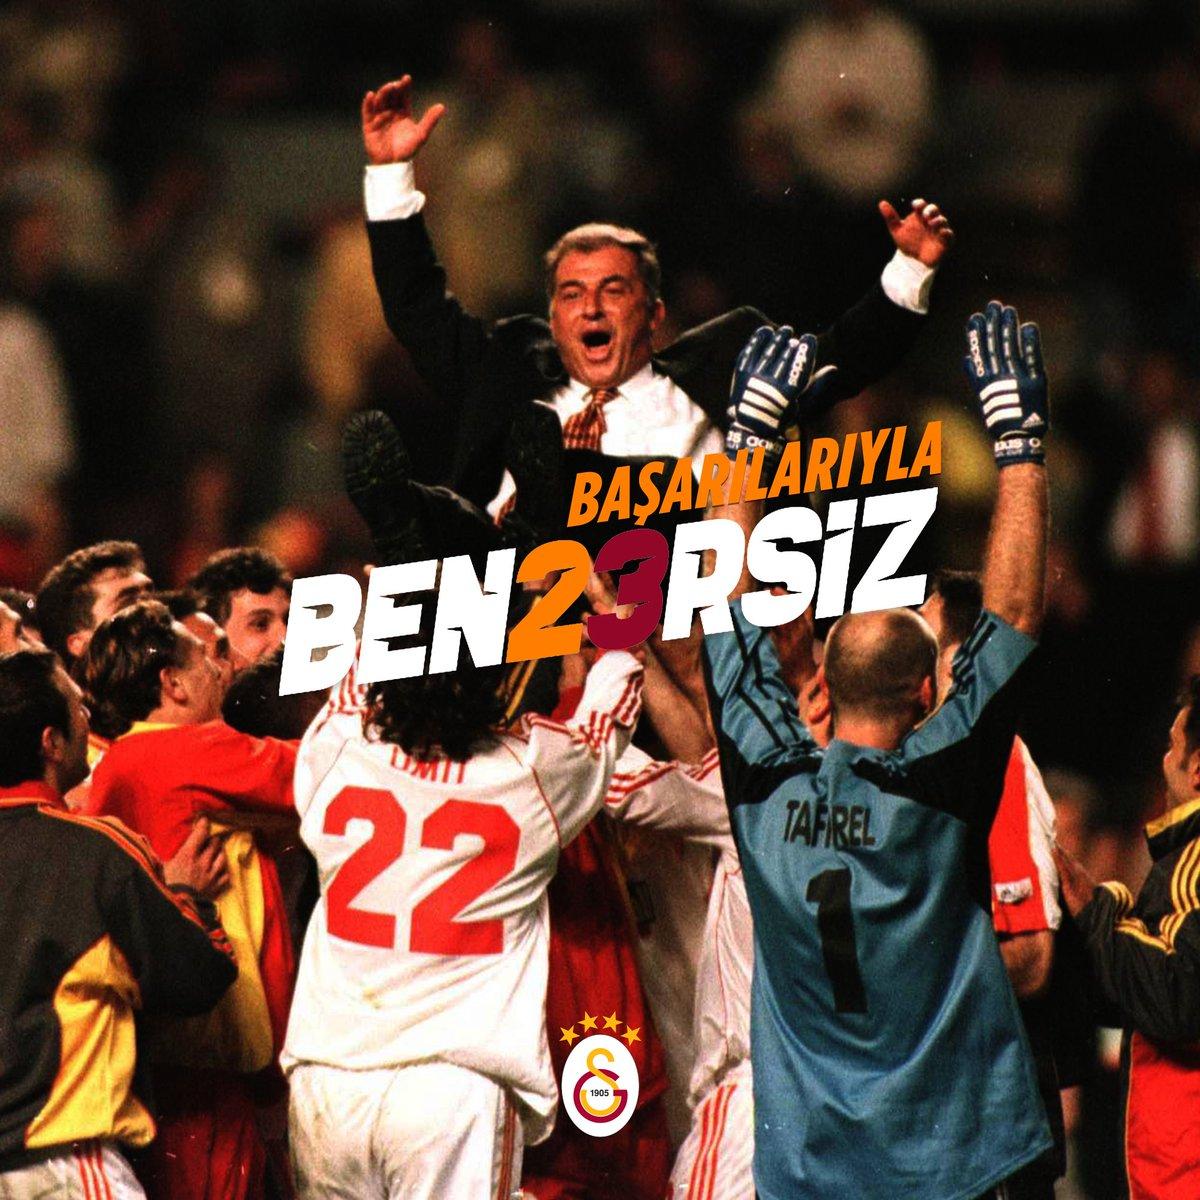 Başarılarıyla #BEN23RSİZ!